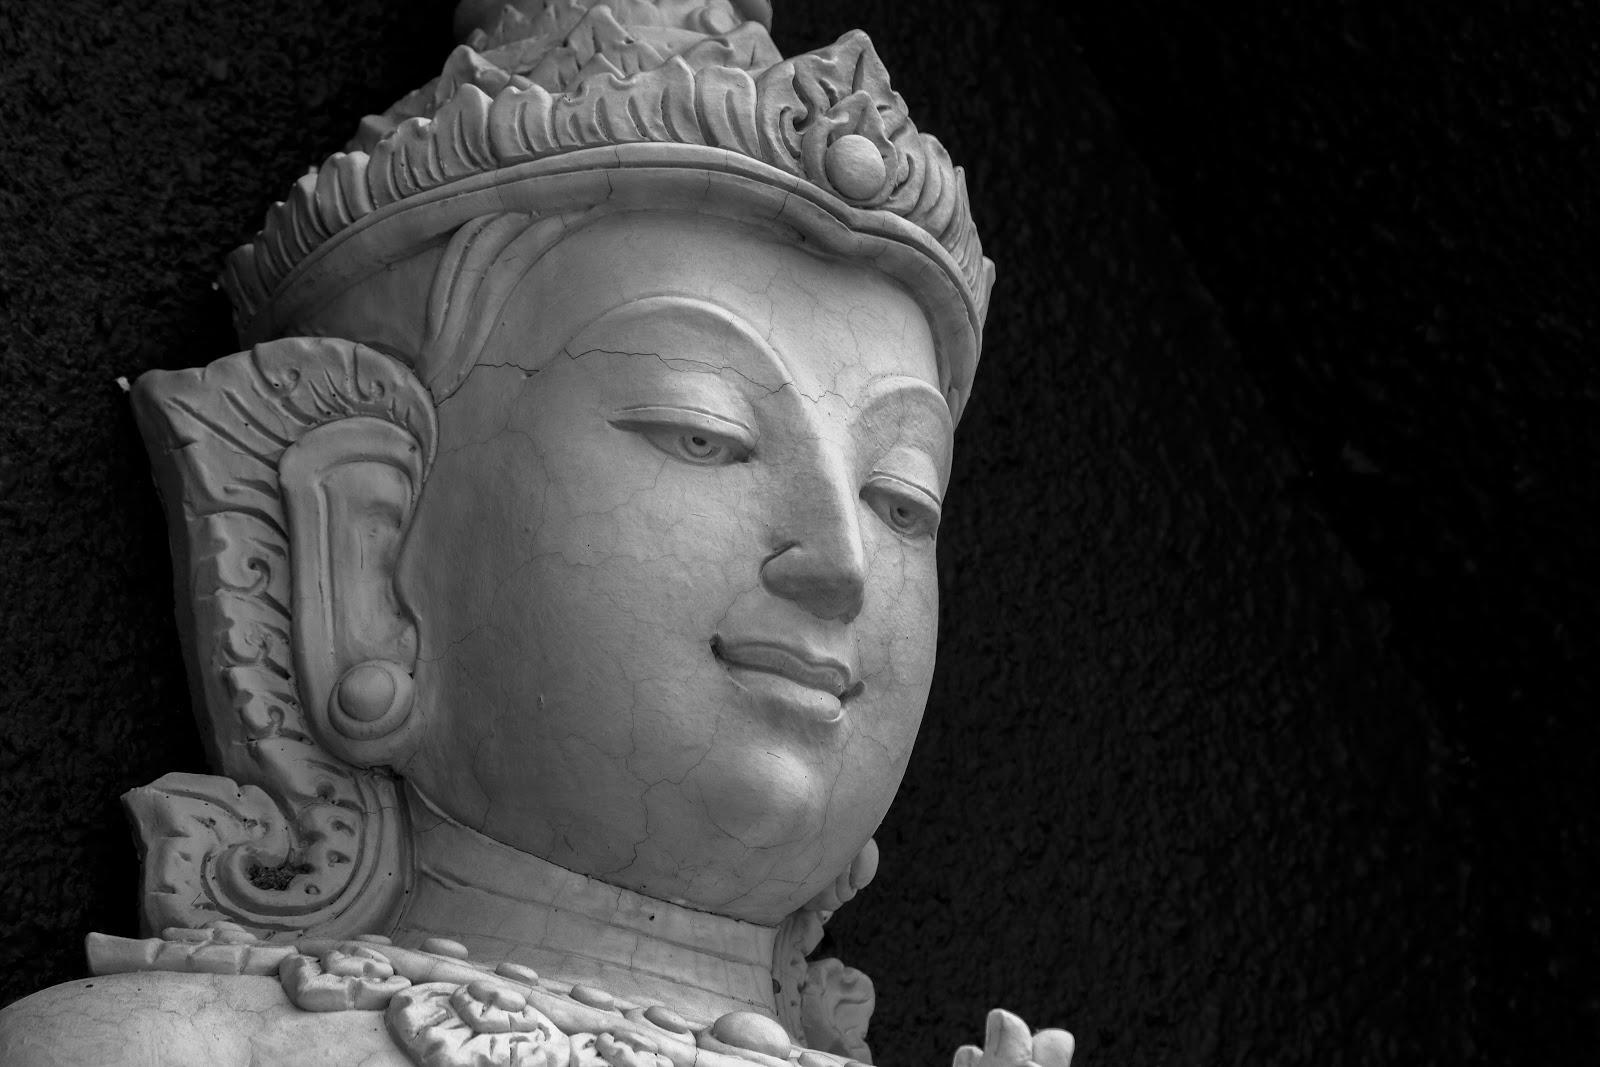 タイの菩薩像の伏し目の顔